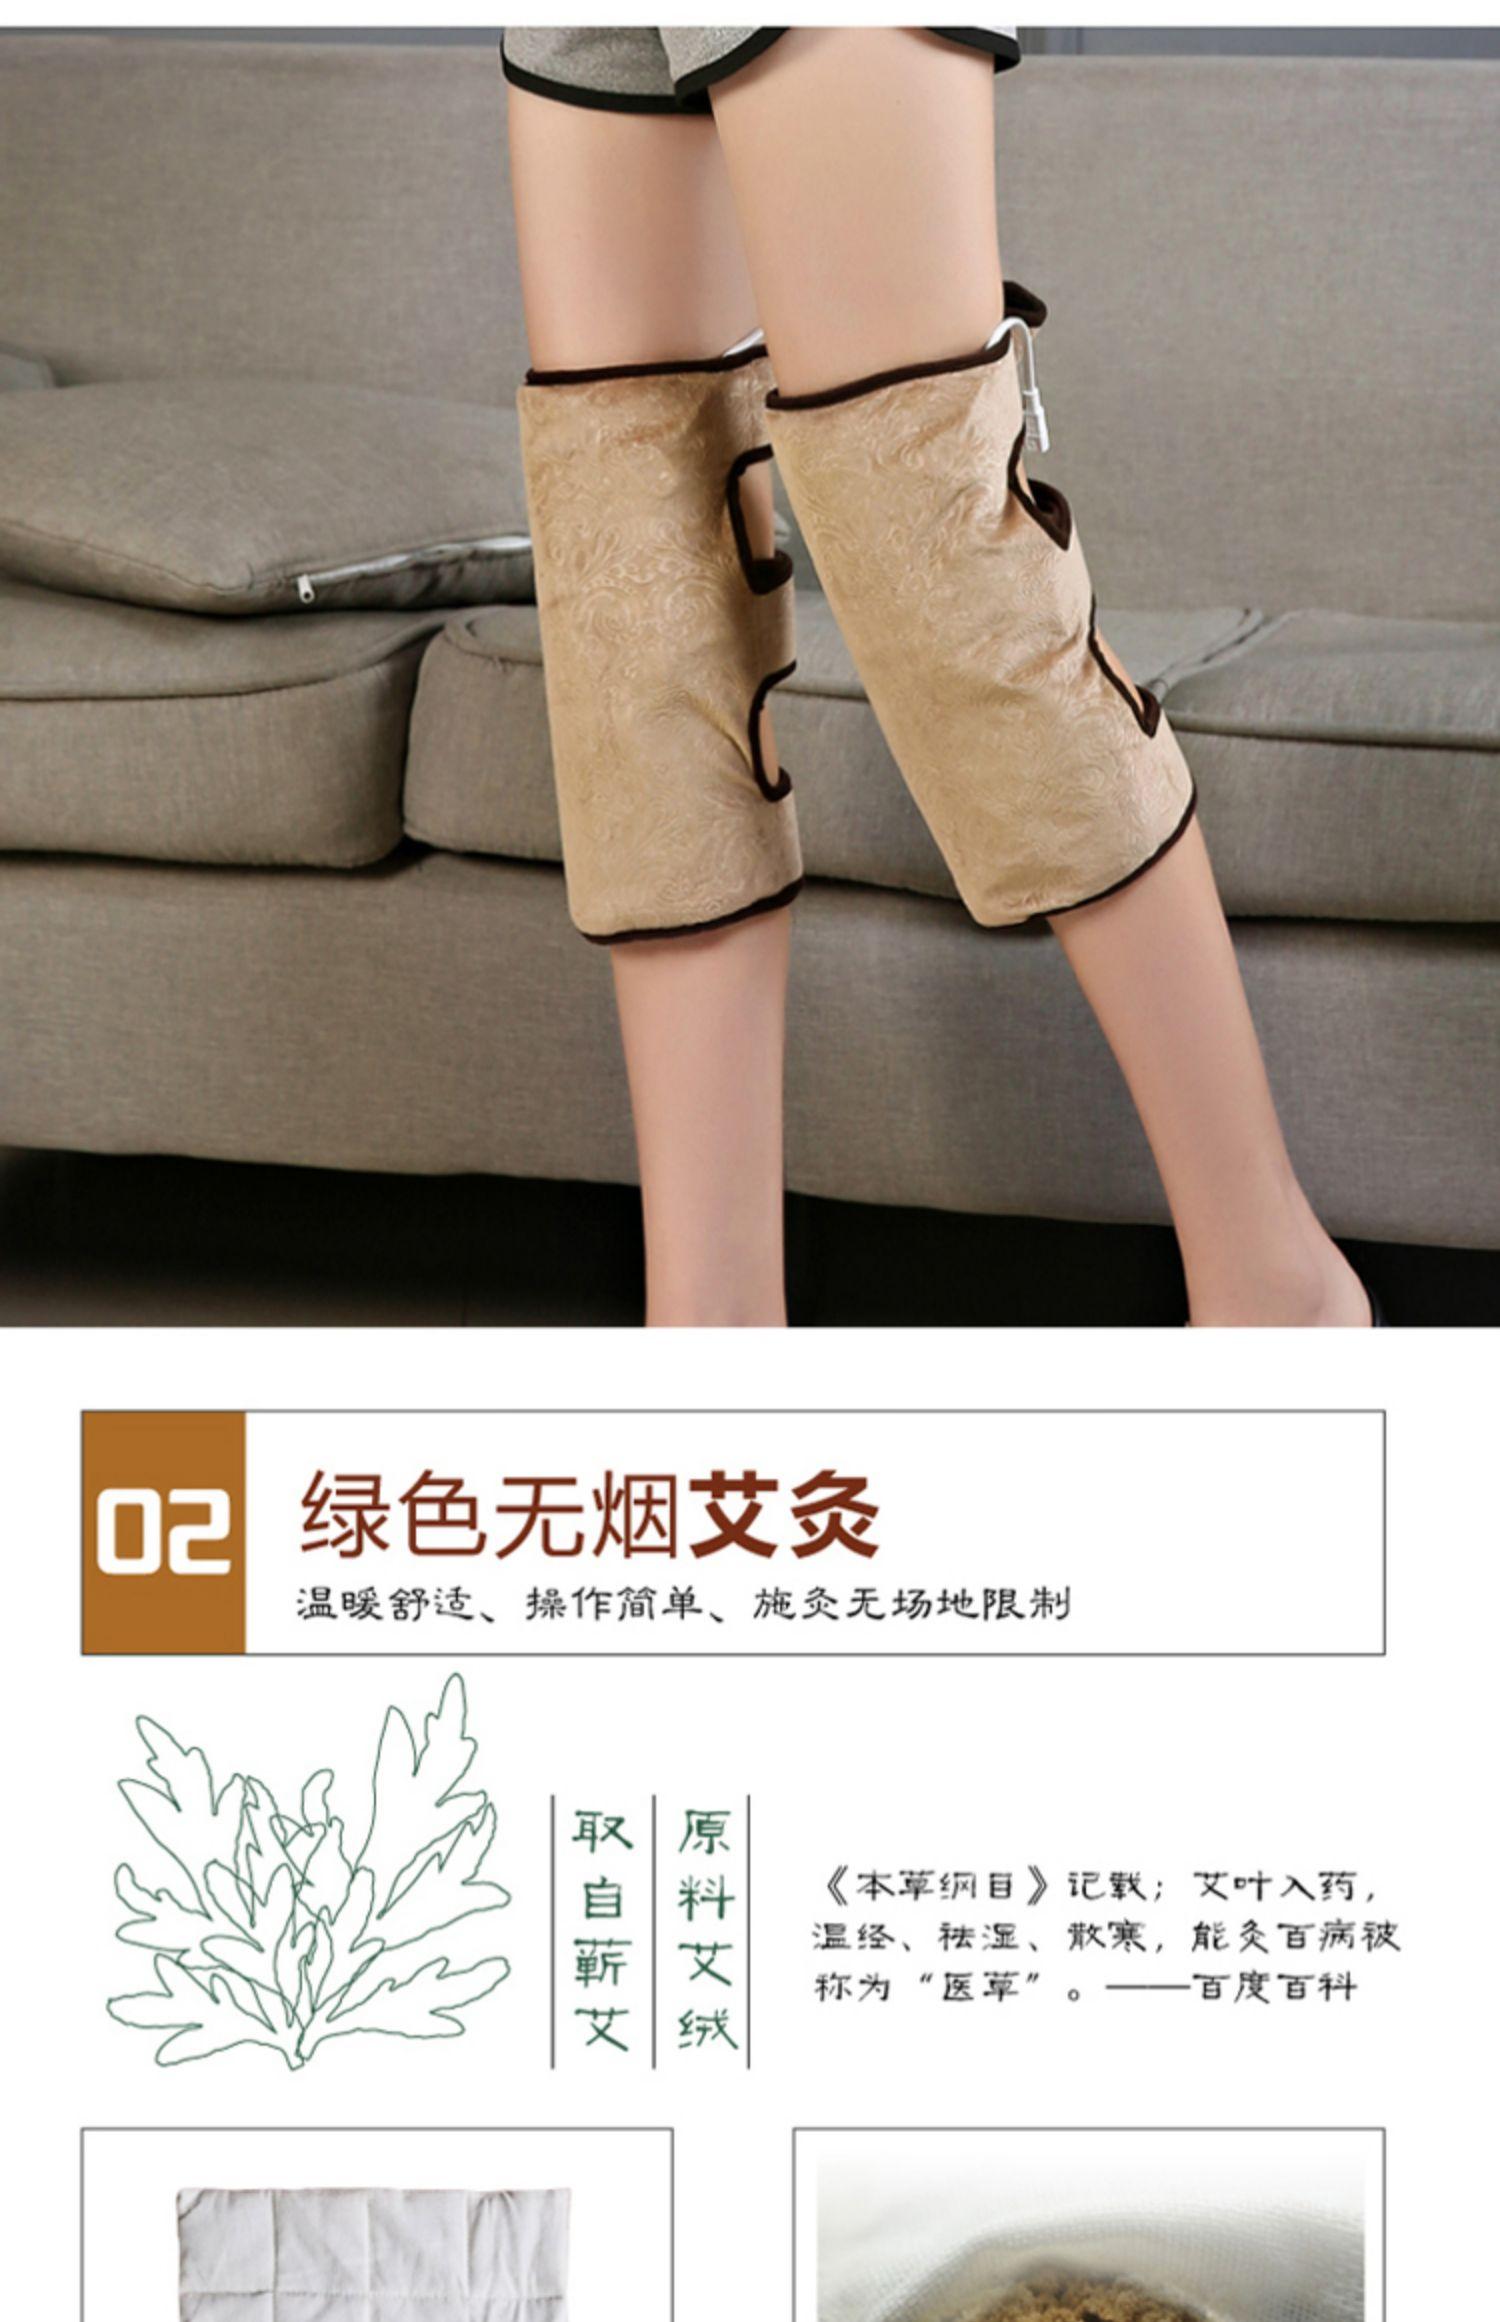 老年人老寒腿不可少的艾绒发热保暖护膝装备男女士加热膝盖护关节商品详情图